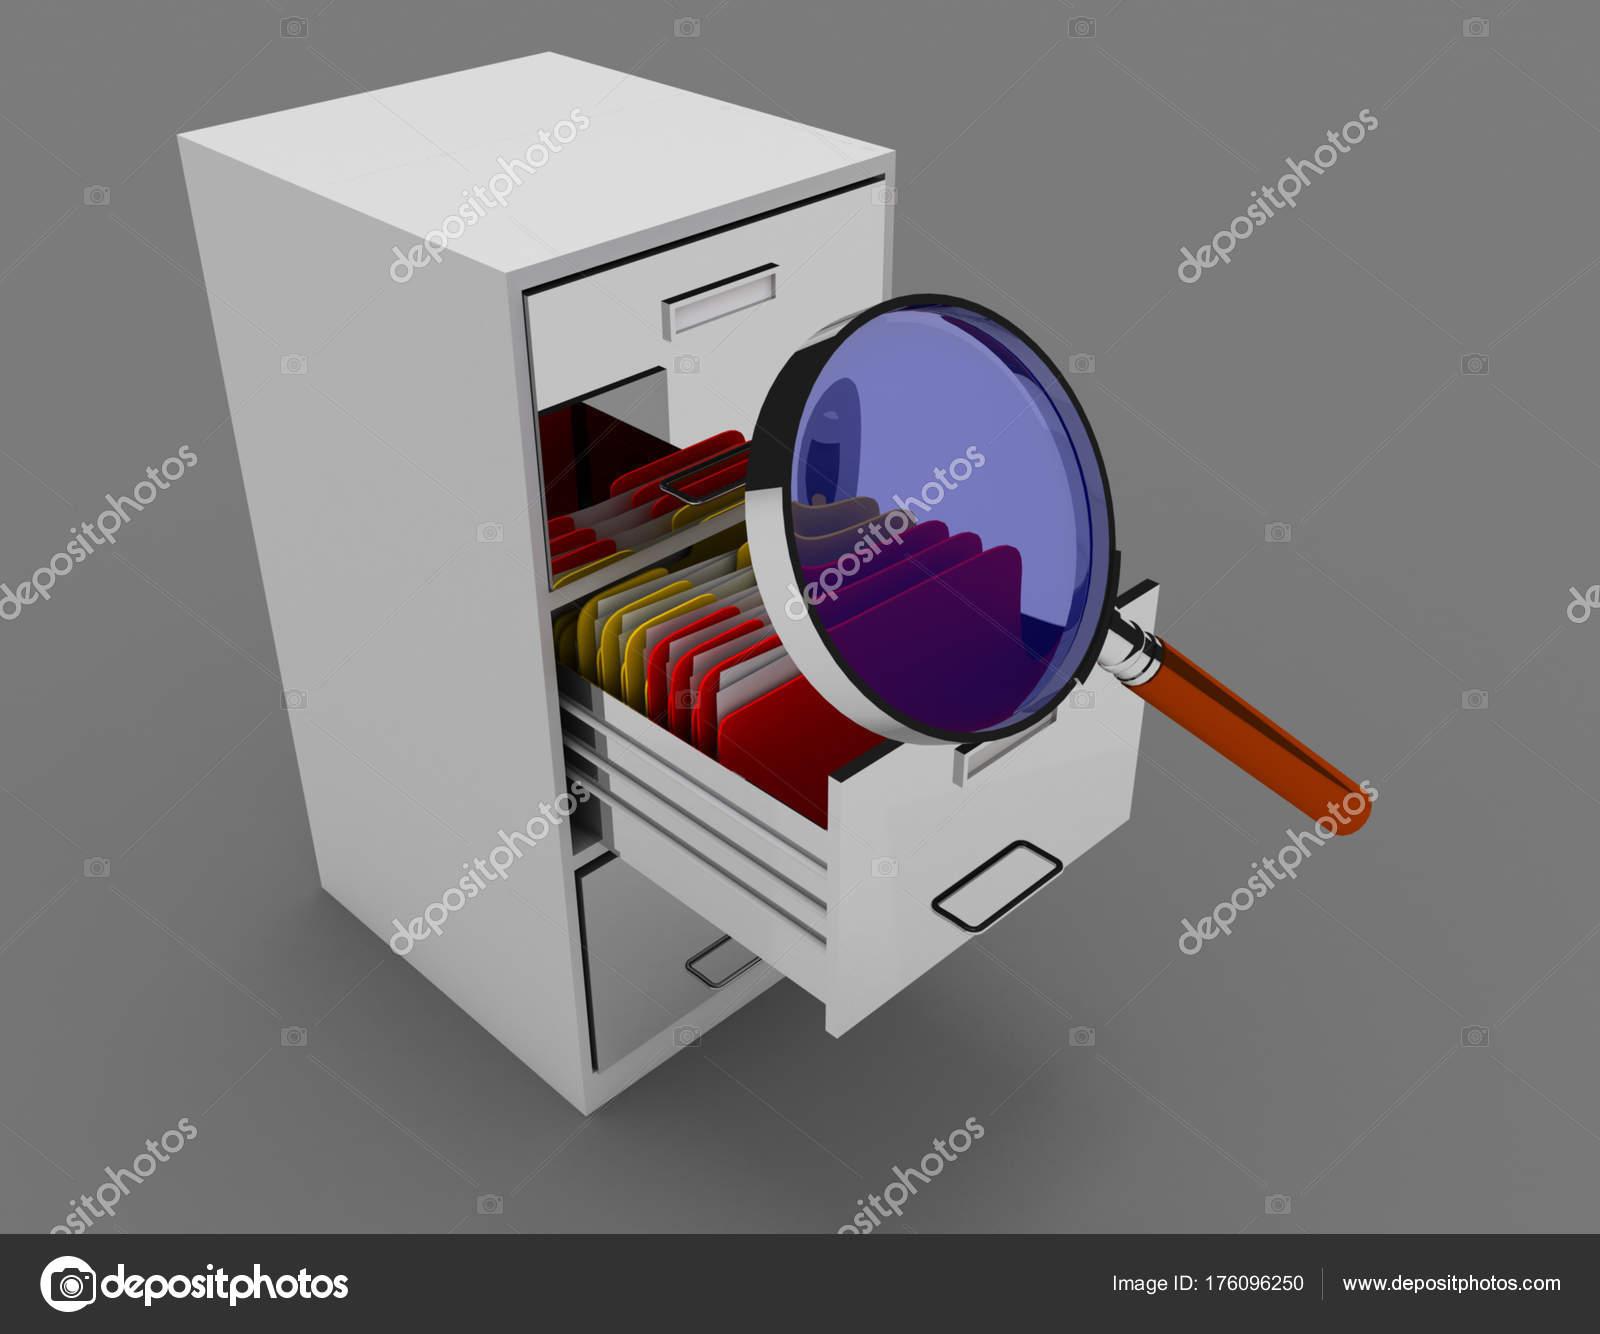 gabinete de archivo 3D. Ilustración procesada 3D — Fotos de Stock ...